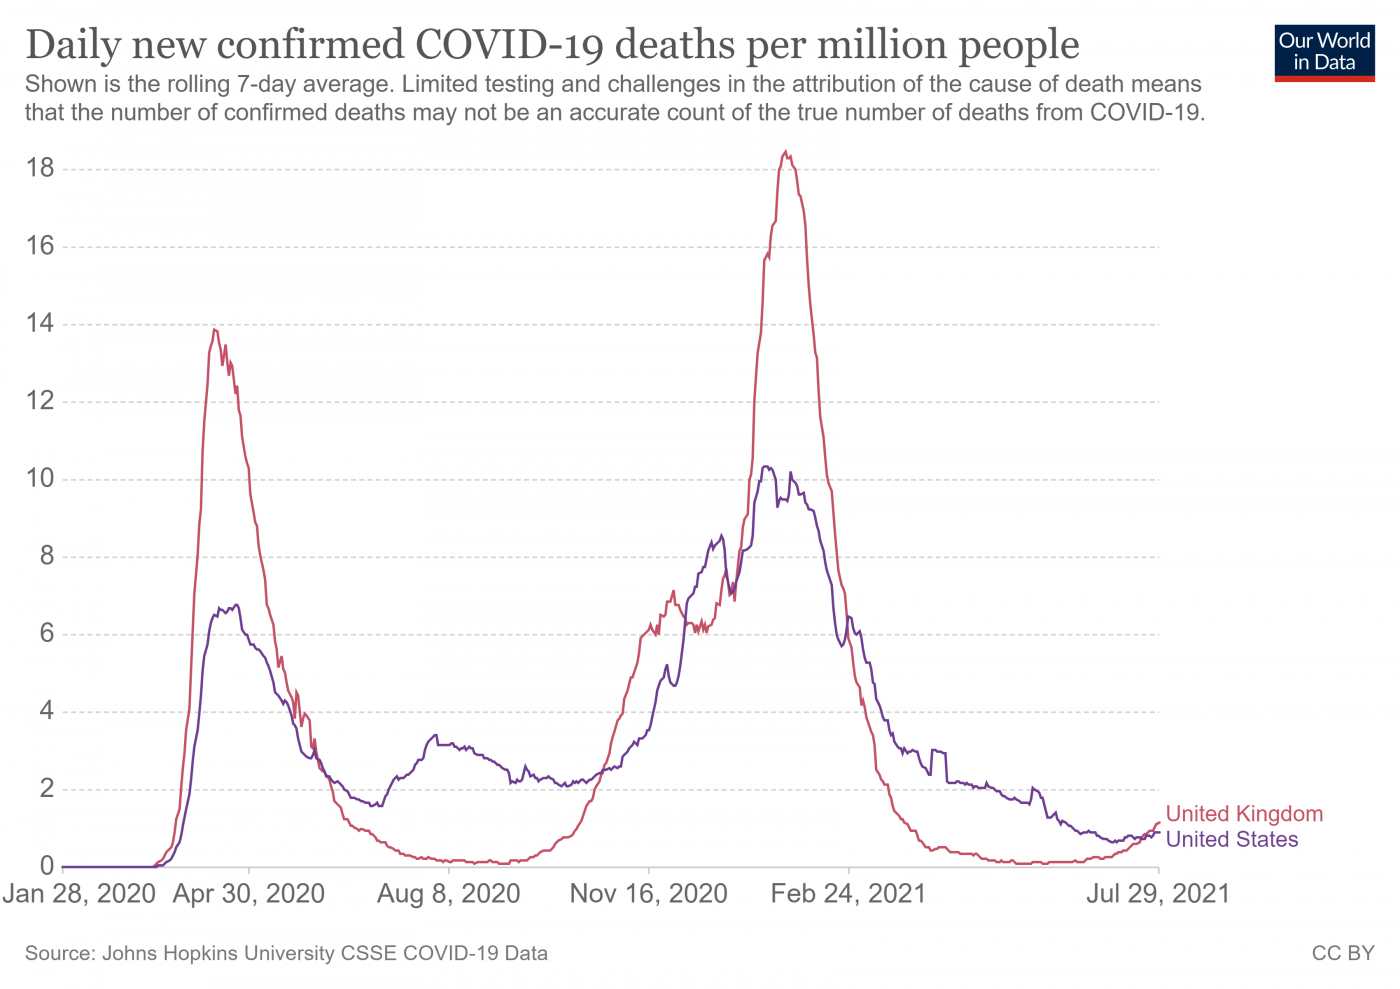 coronavirus-data-explorer (9).png